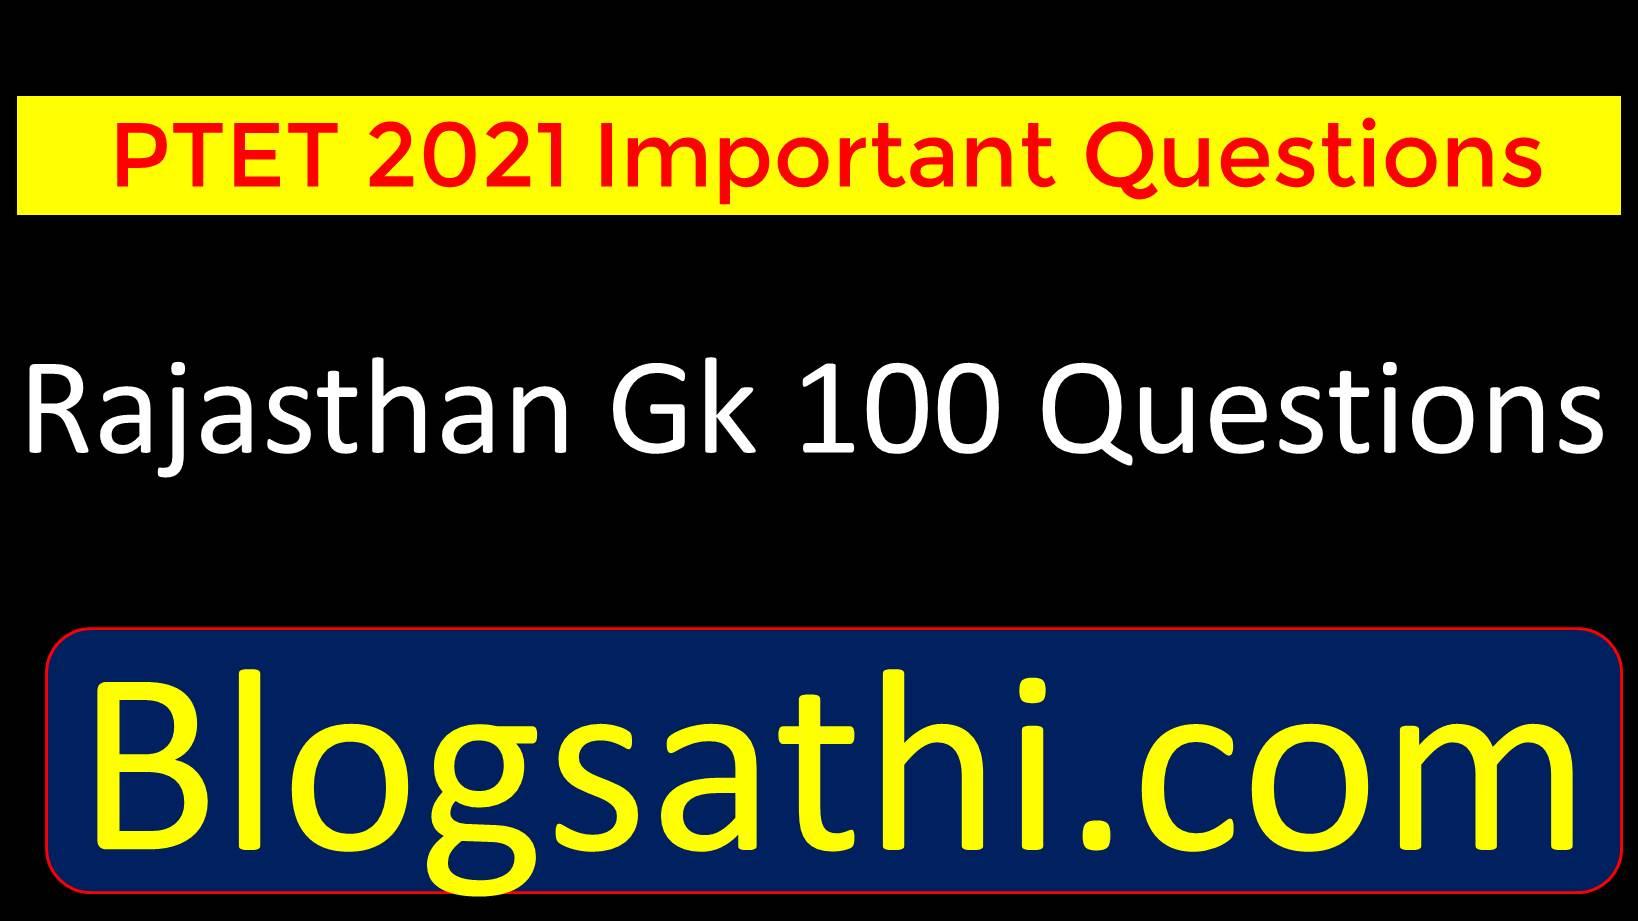 ptet 2021 important questions